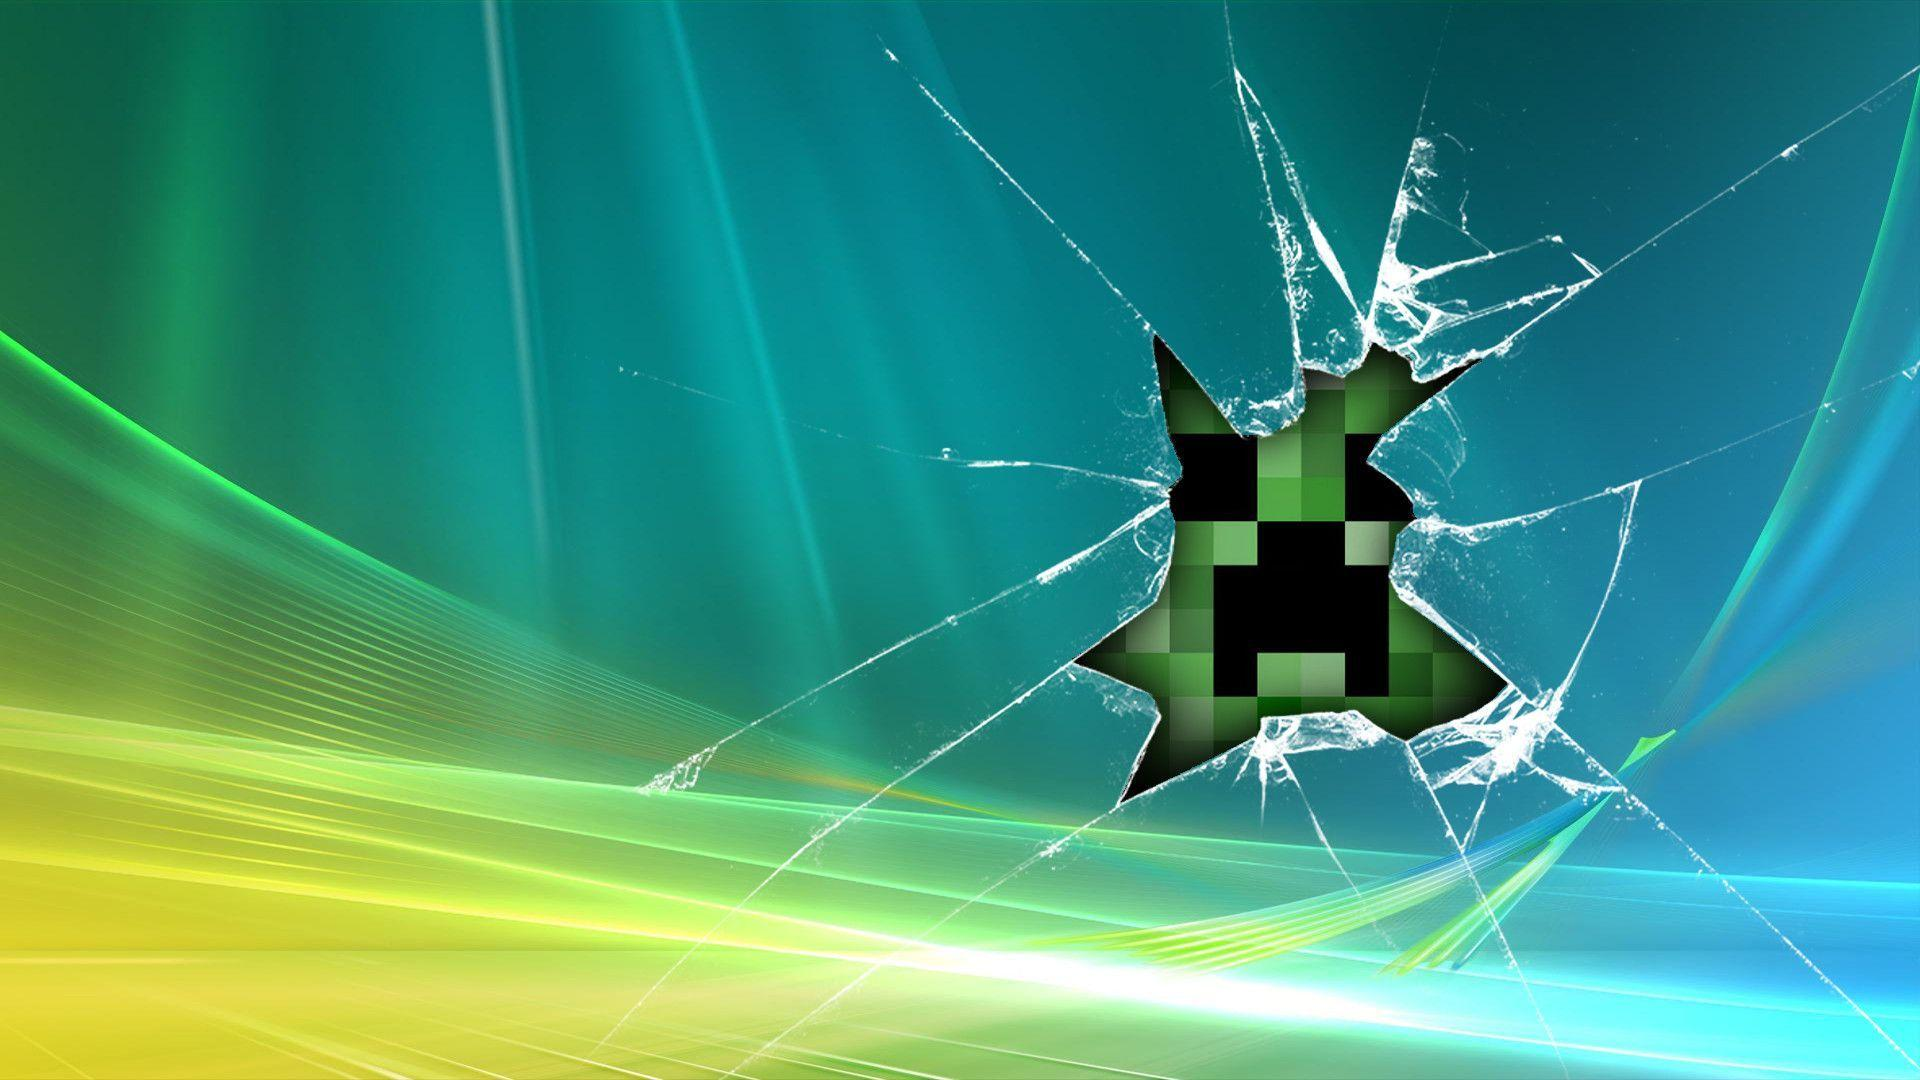 Fondos de pantalla Minecraft en espejo roto